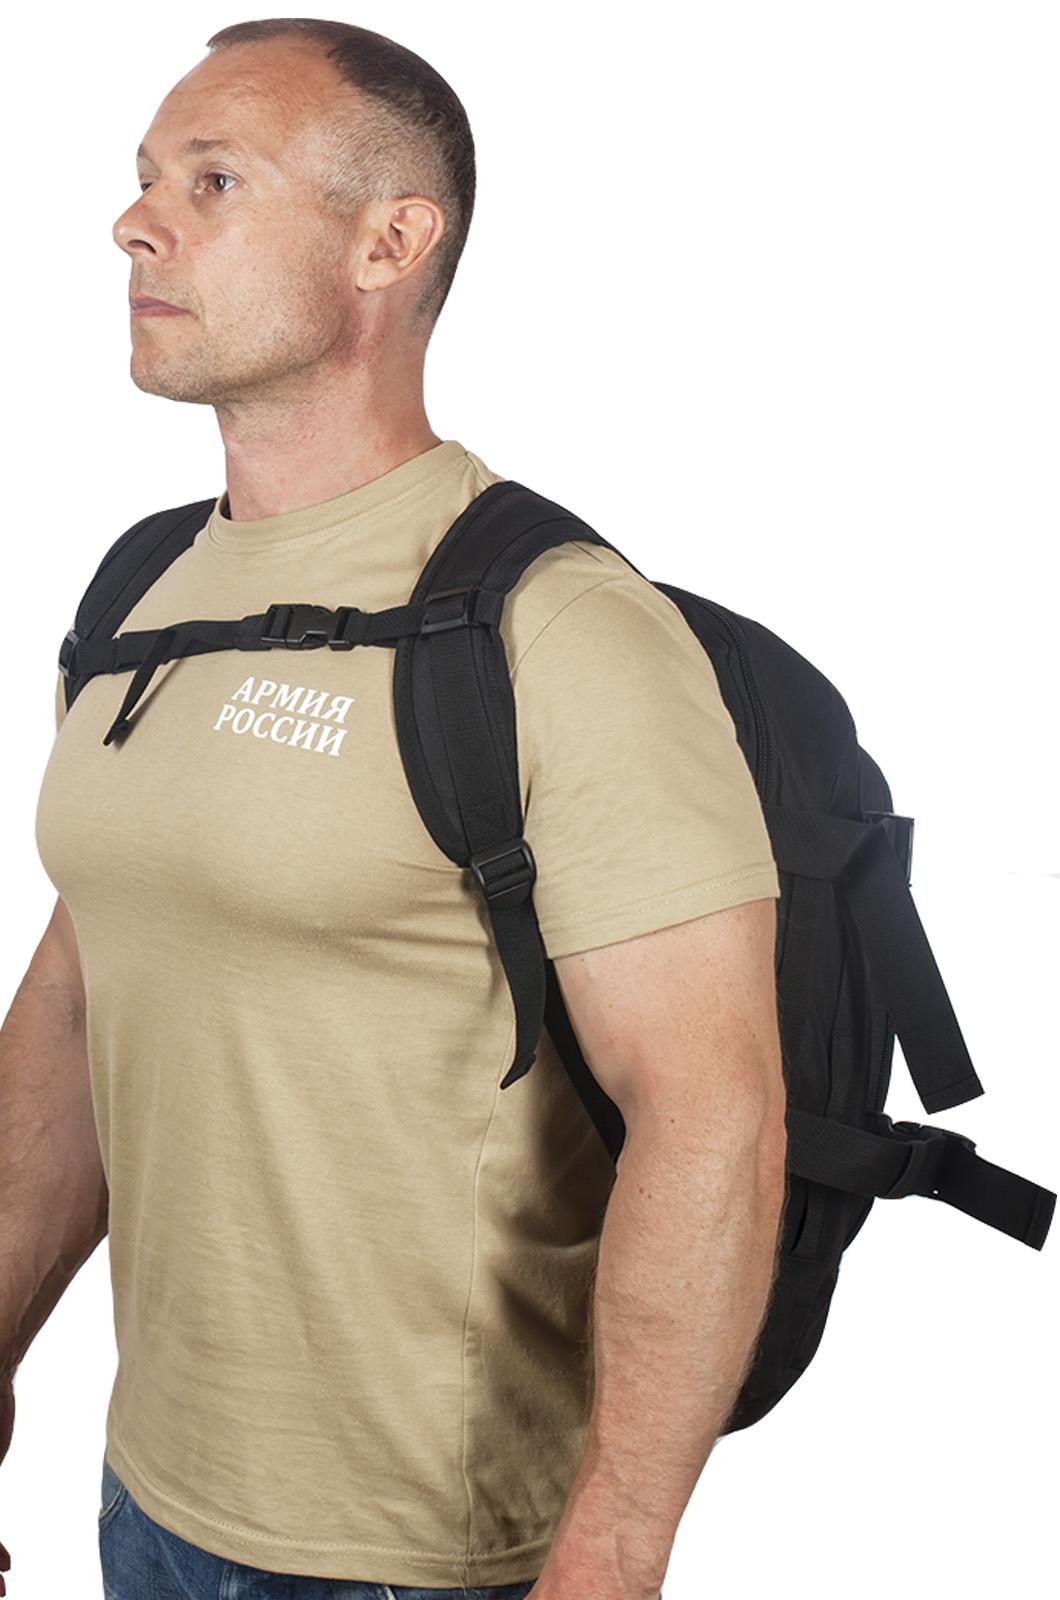 Универсальный надежный рюкзак с нашивкой Лучший Охотник - купить с доставкой